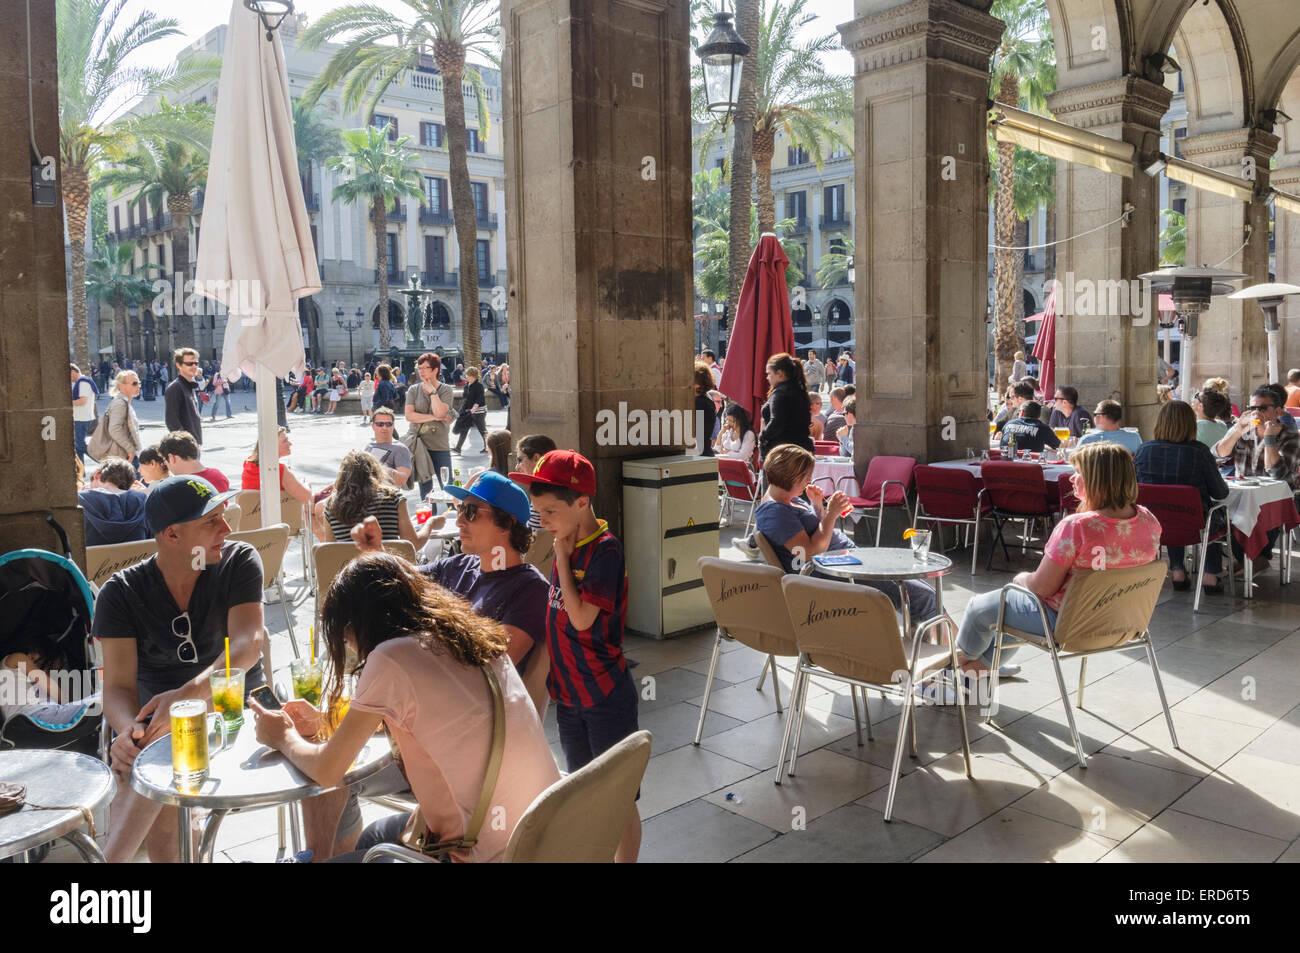 Restaurant at Placa Reial, Gothic quarter, Barcelona, Spain - Stock Image